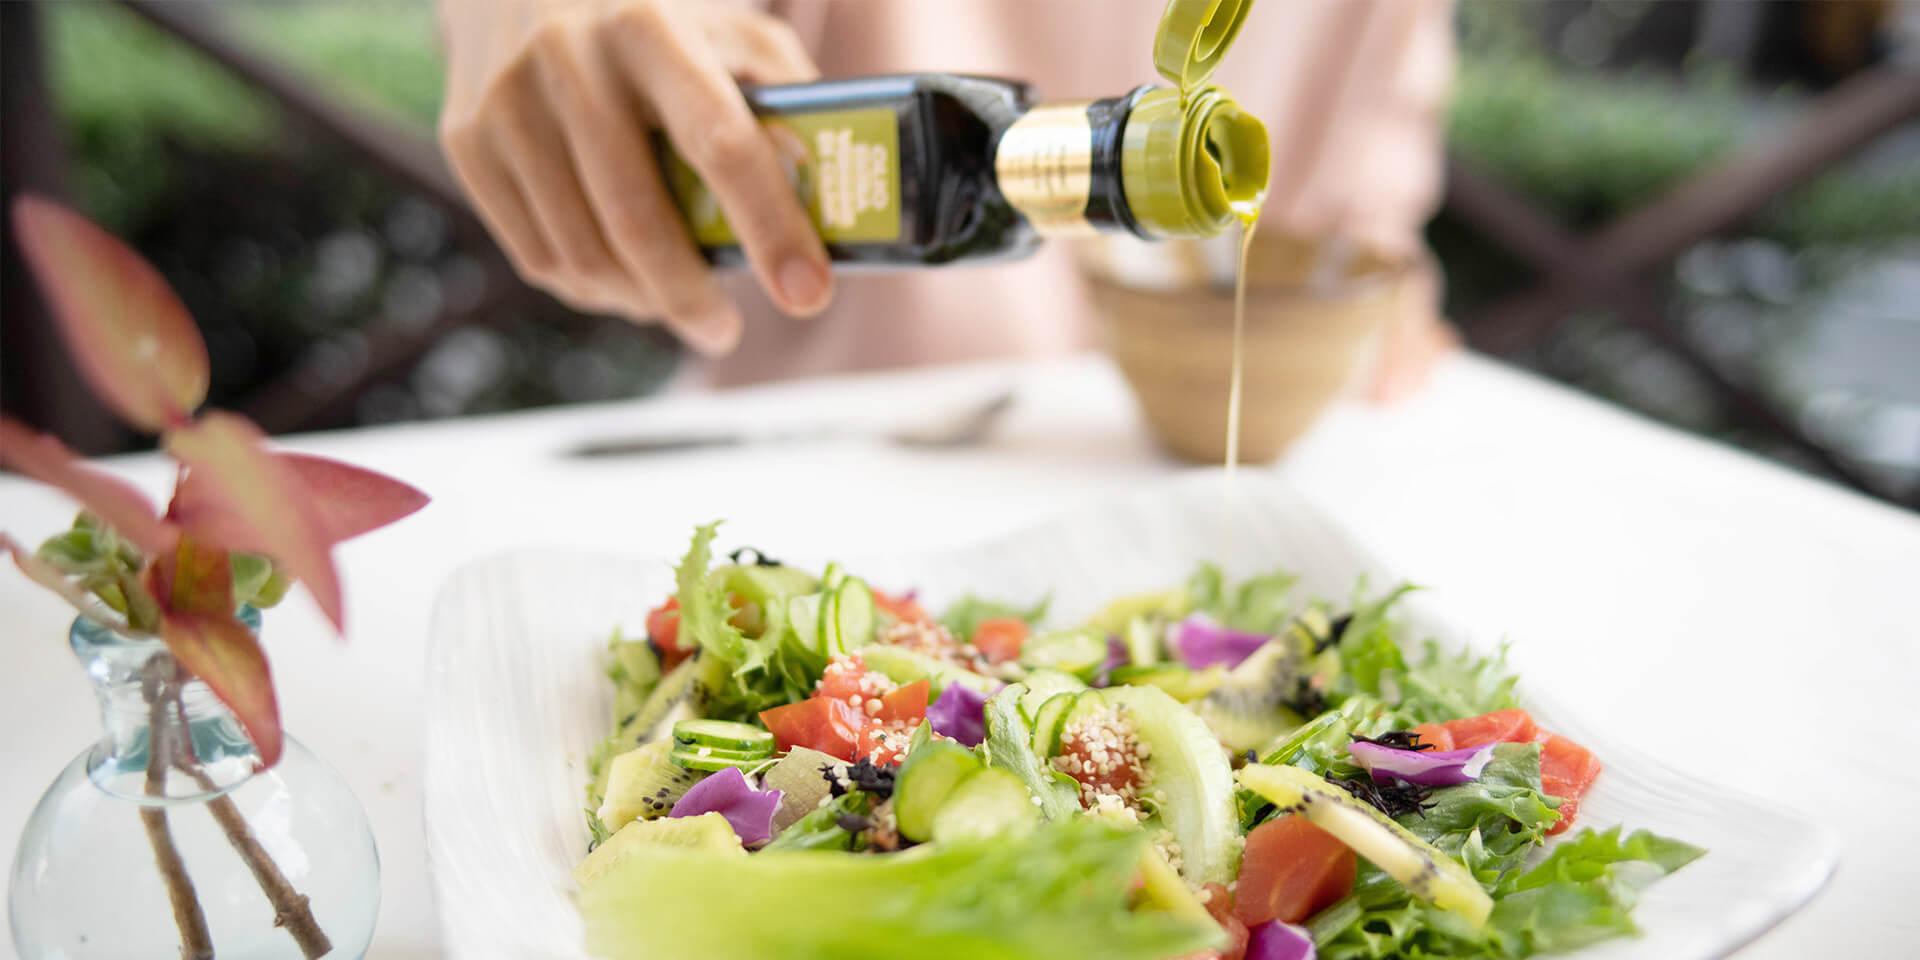 食事管理について ヘッダー画像